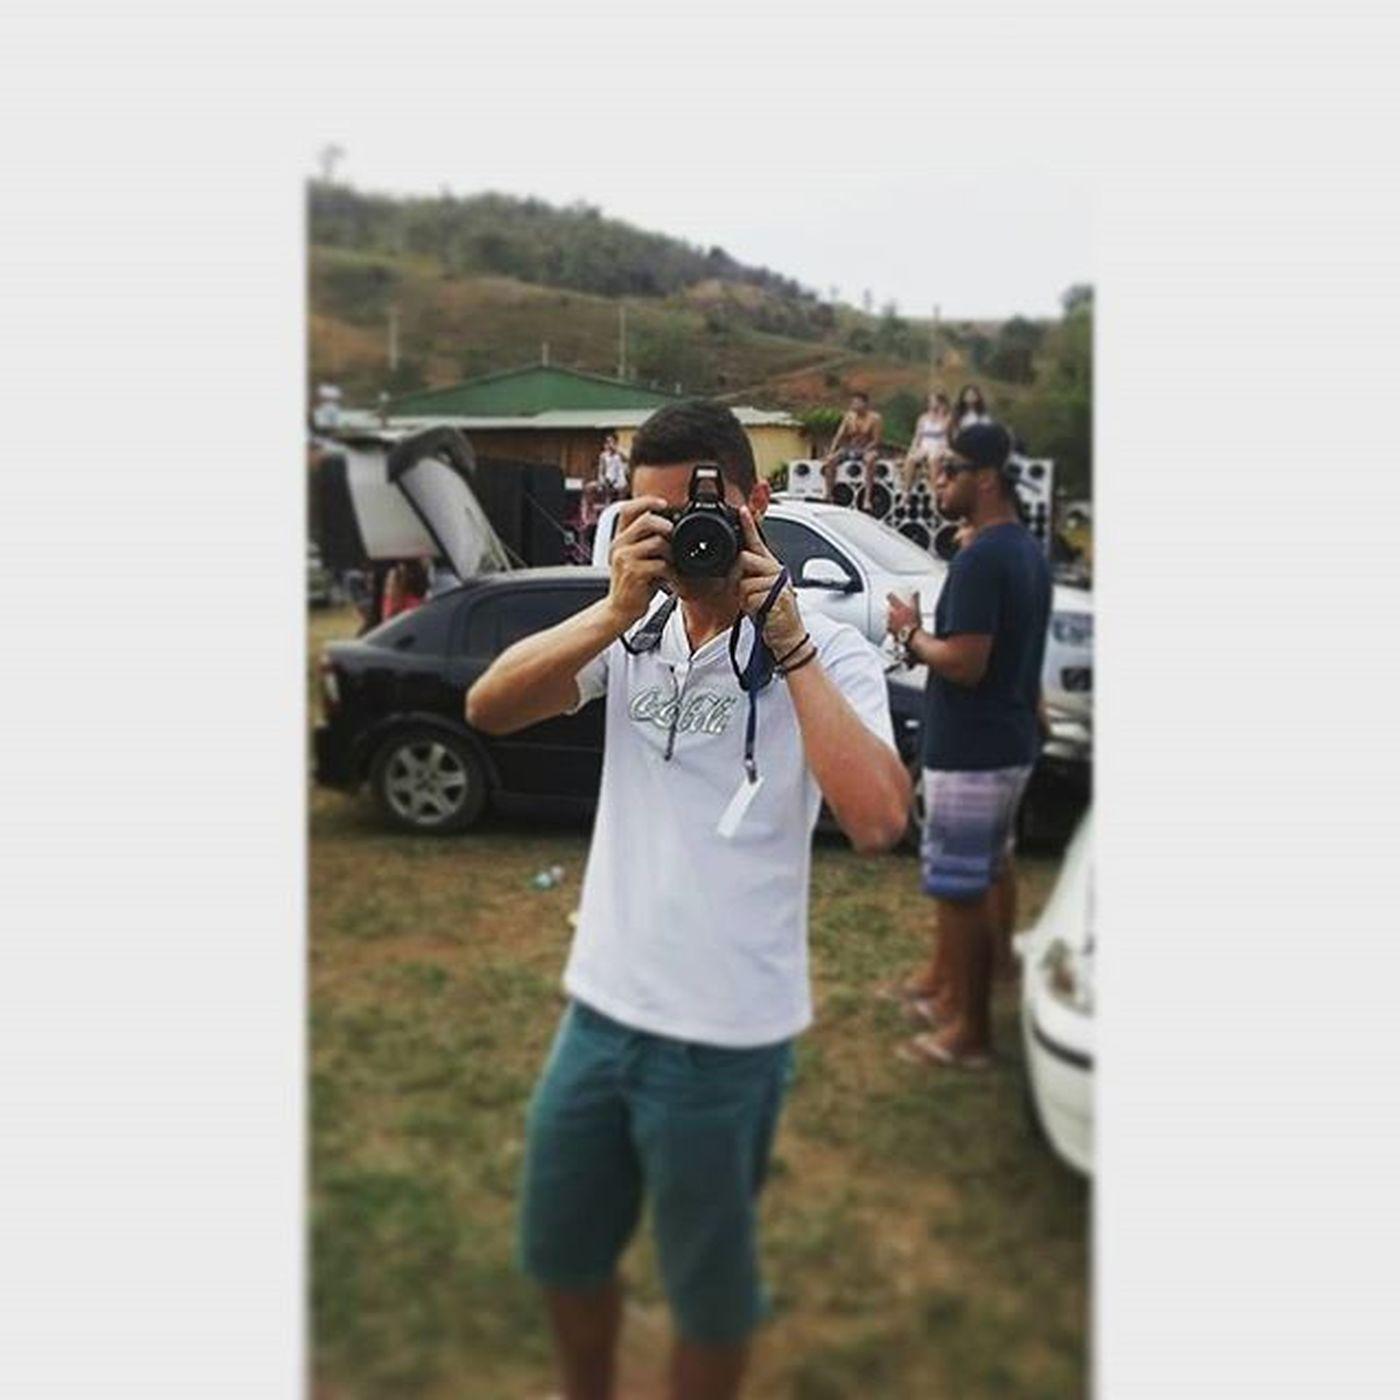 Dia de fotógrafo. @euagito Foto Take Competiçao De Somautomotivo